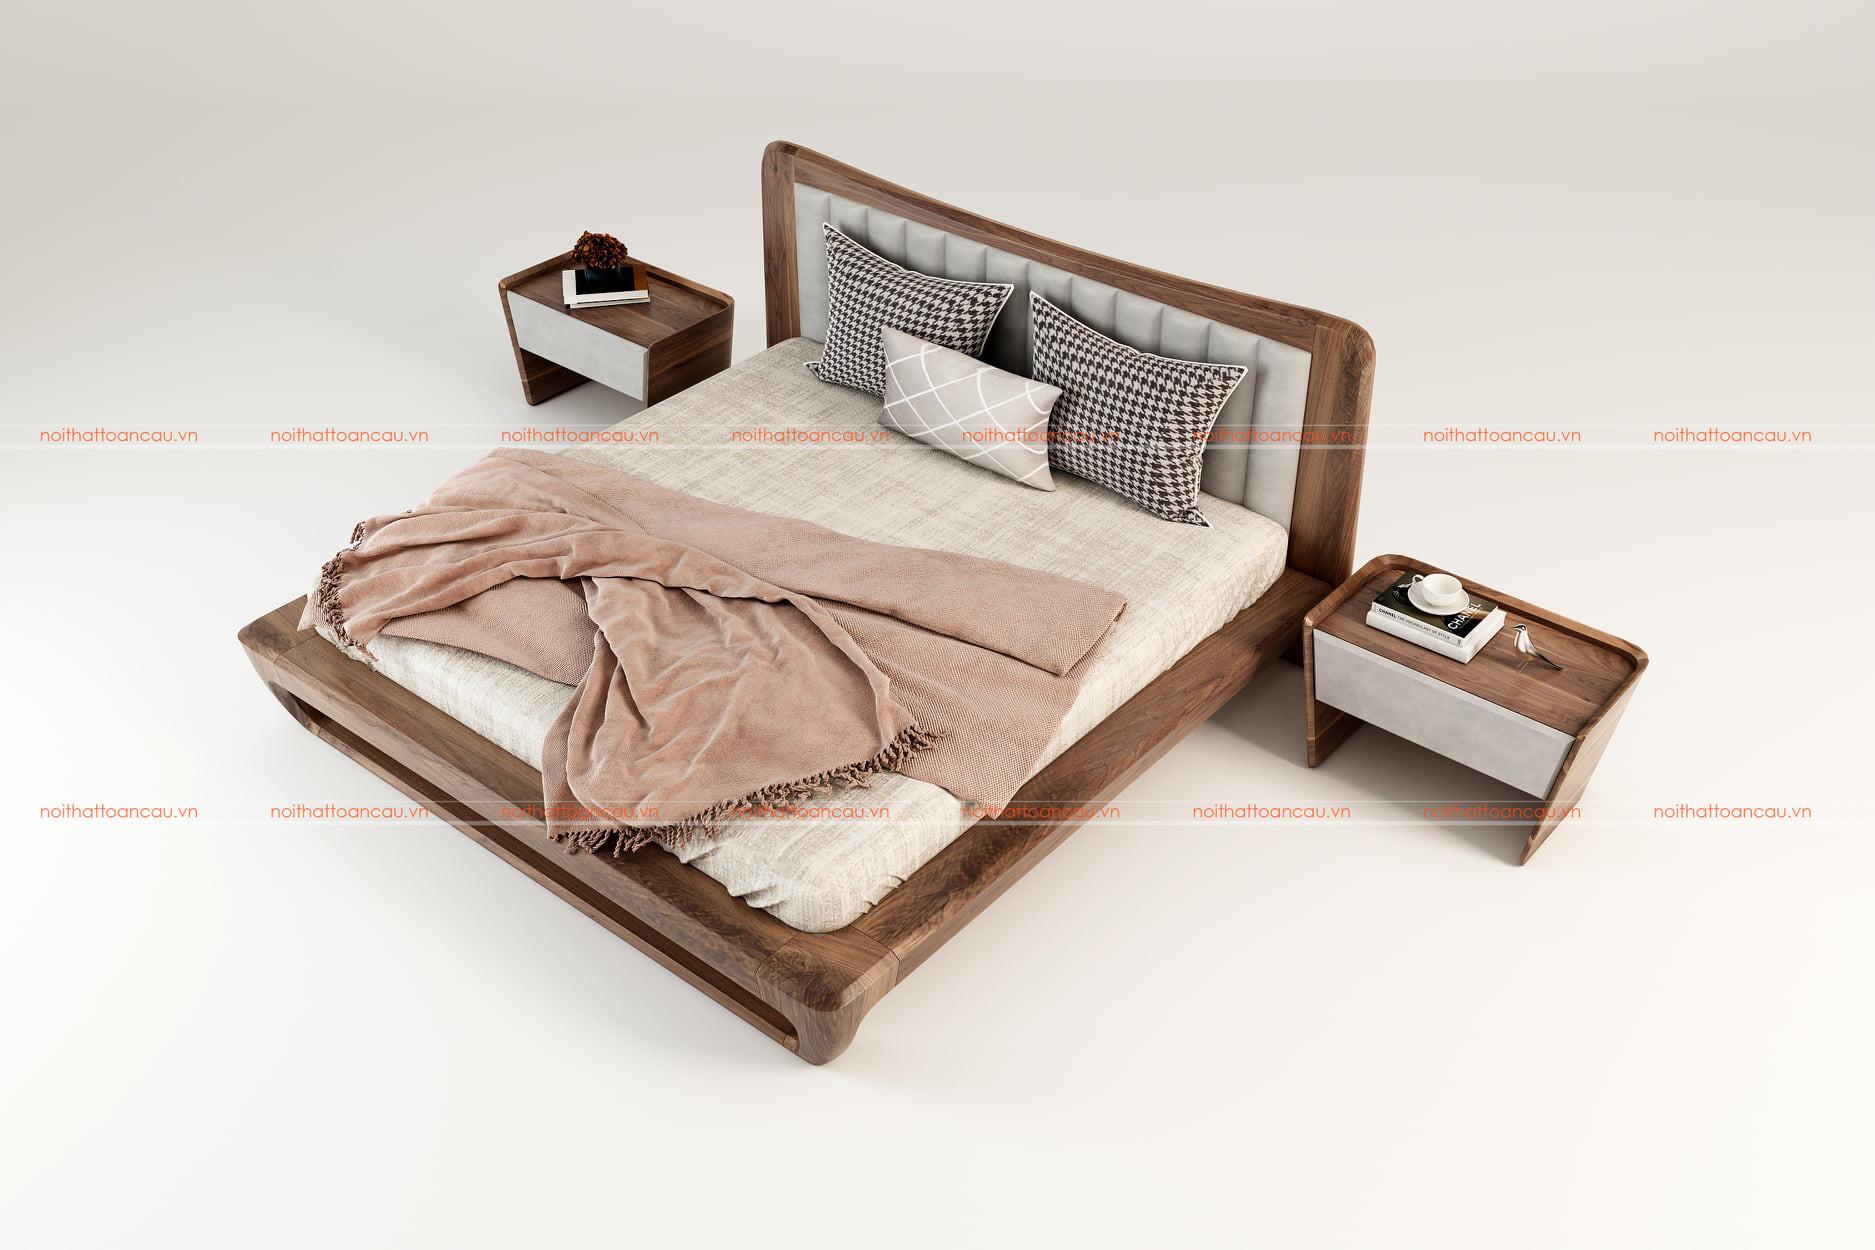 Giường ngủ gỗ óc chó tự nhiên 159 d